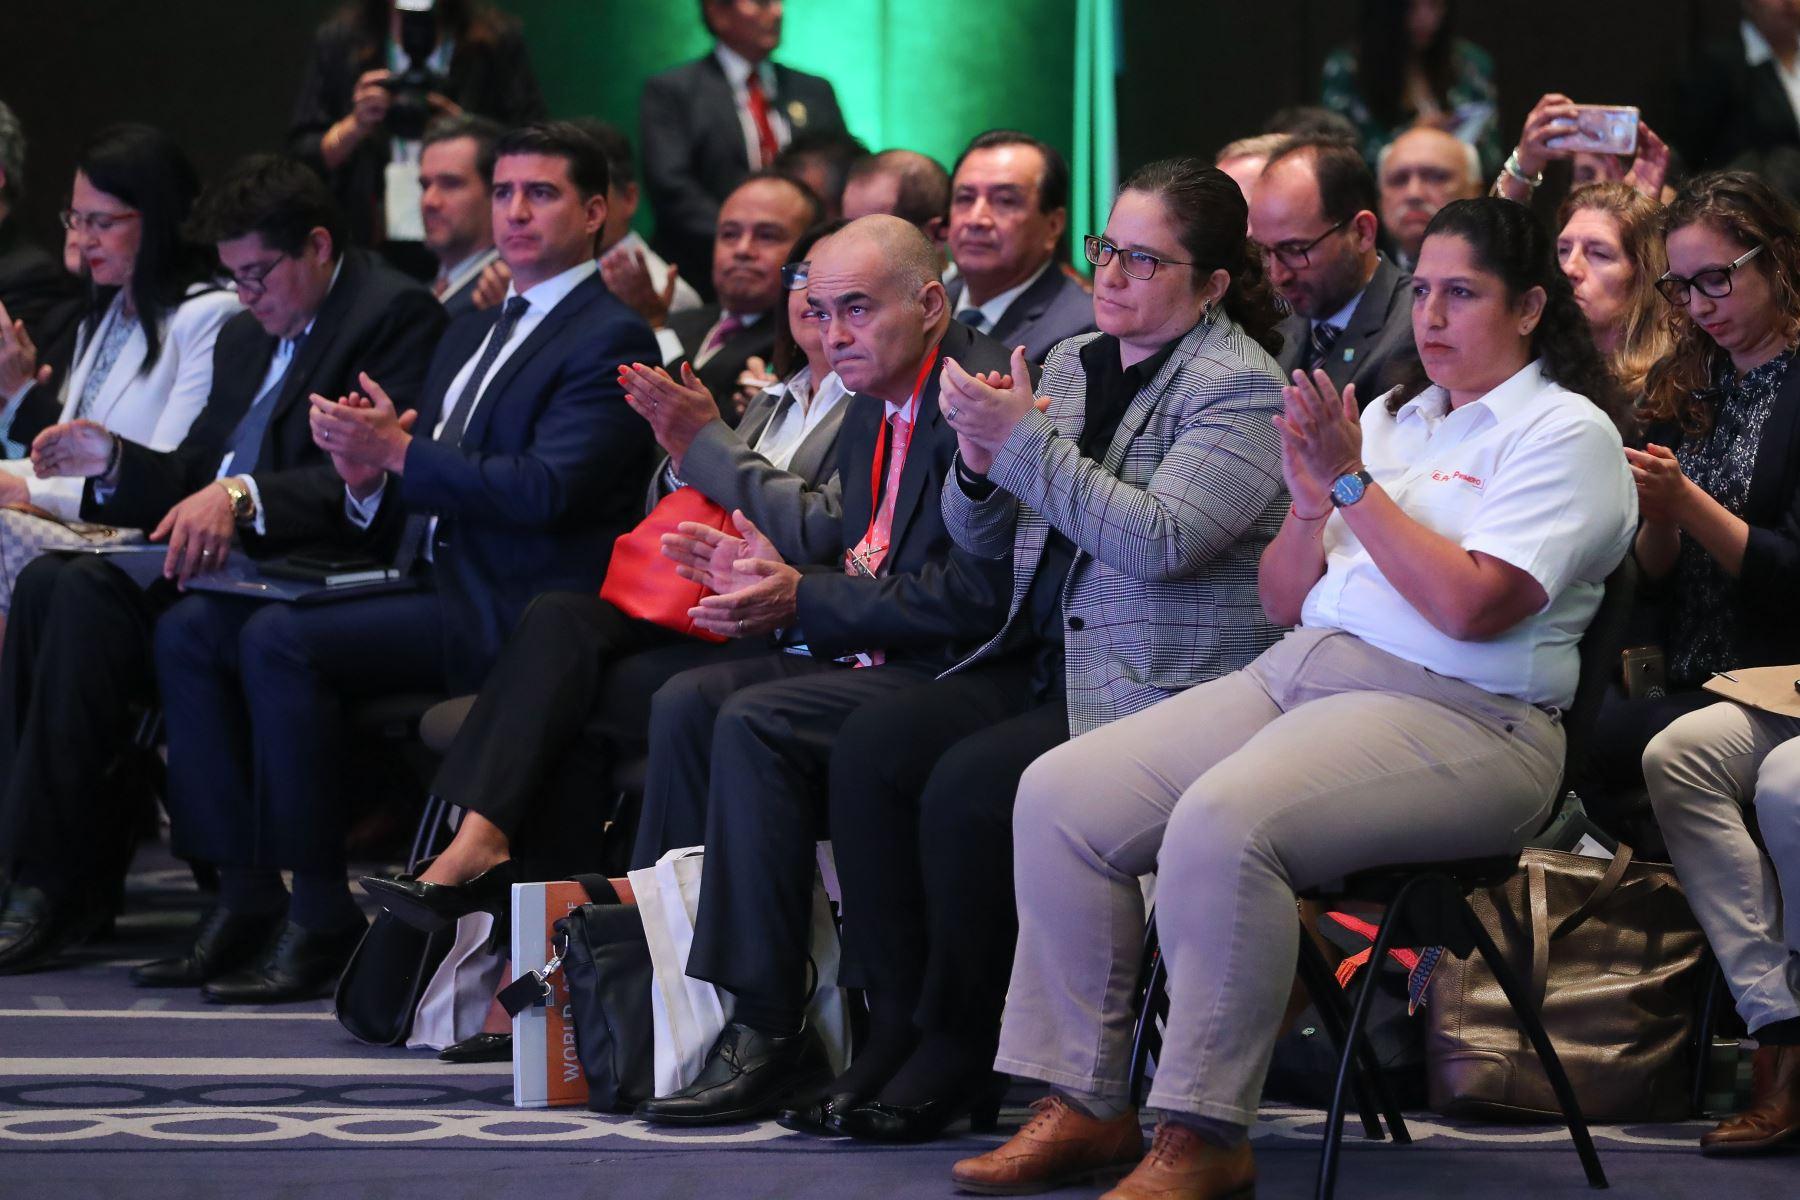 Presidente Vizcarra participa de la inauguración de la conferencia Good Growth. Foto: ANDINA/Prensa Presidencia